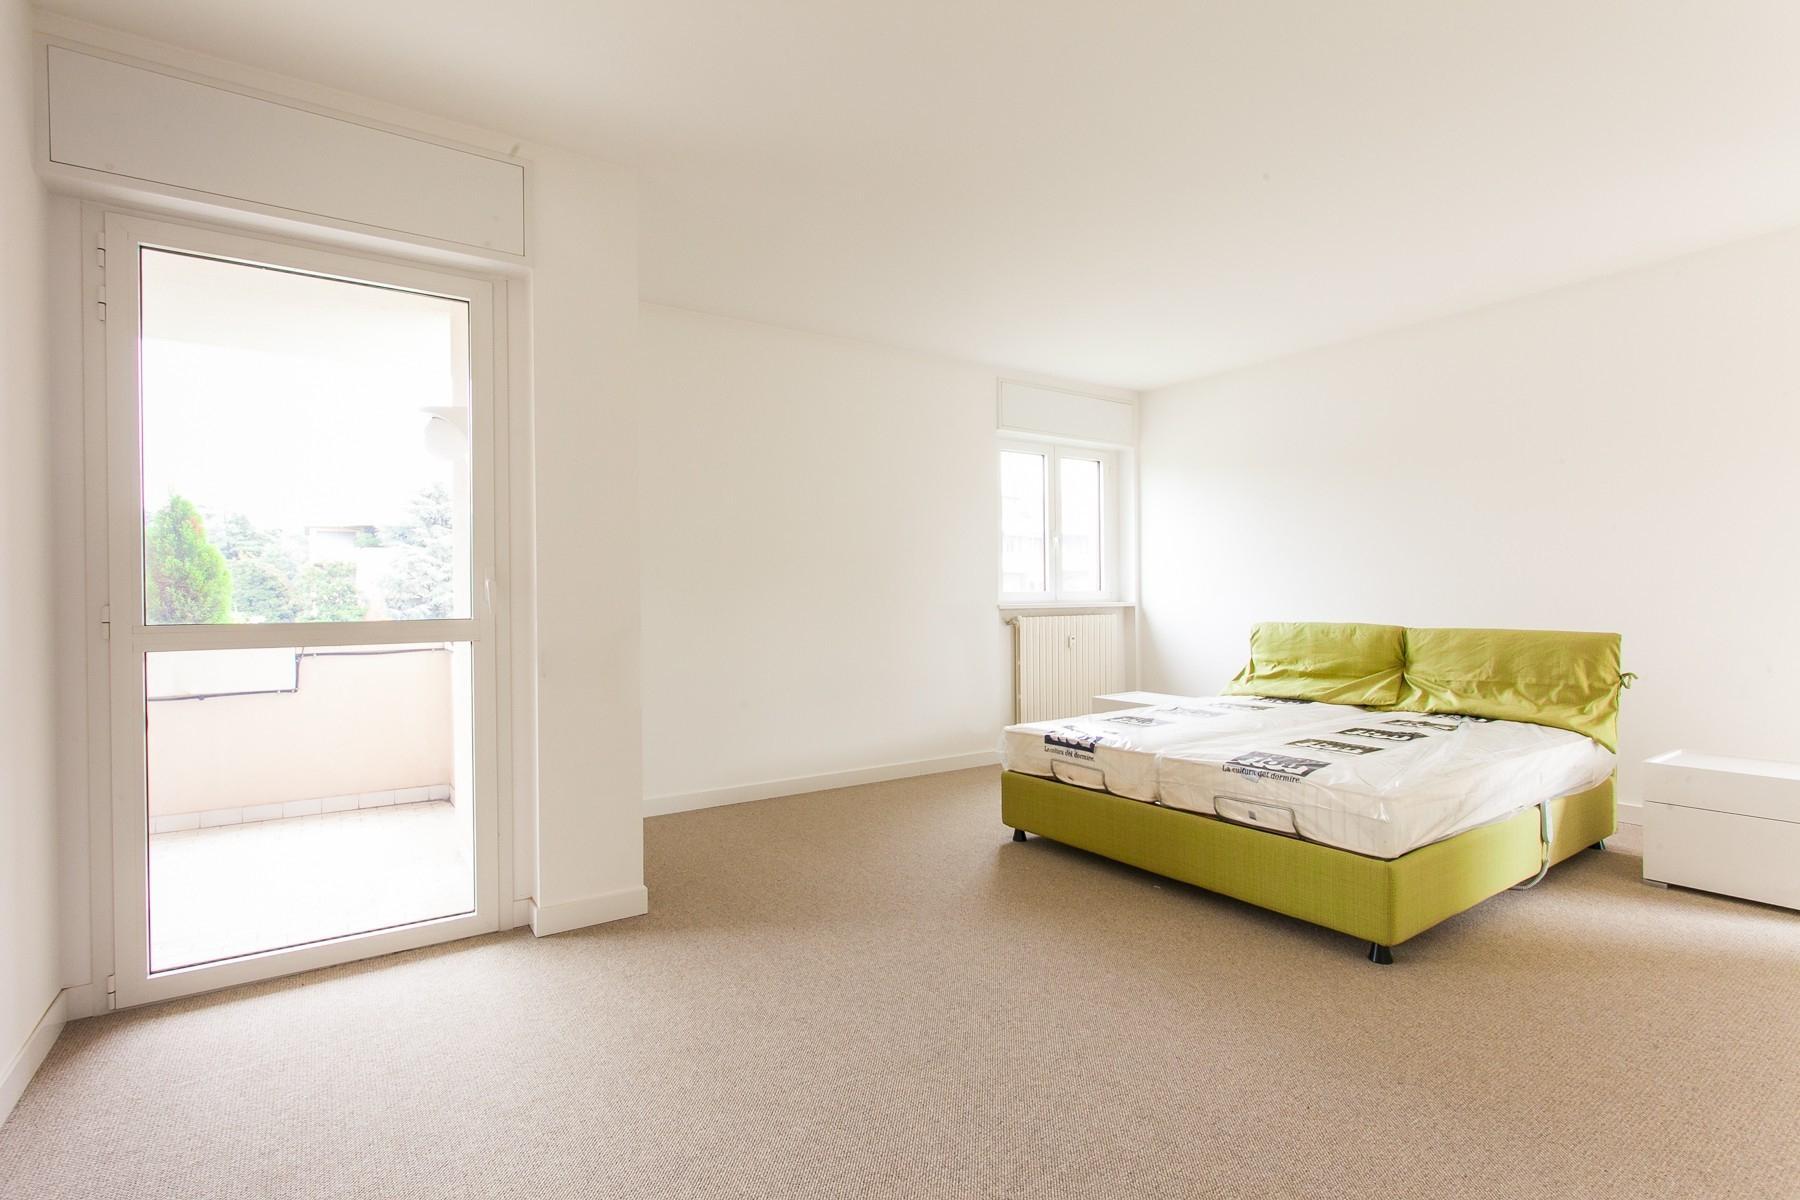 Neue moderne Wohnung mit geräumiger Terrasse - 13